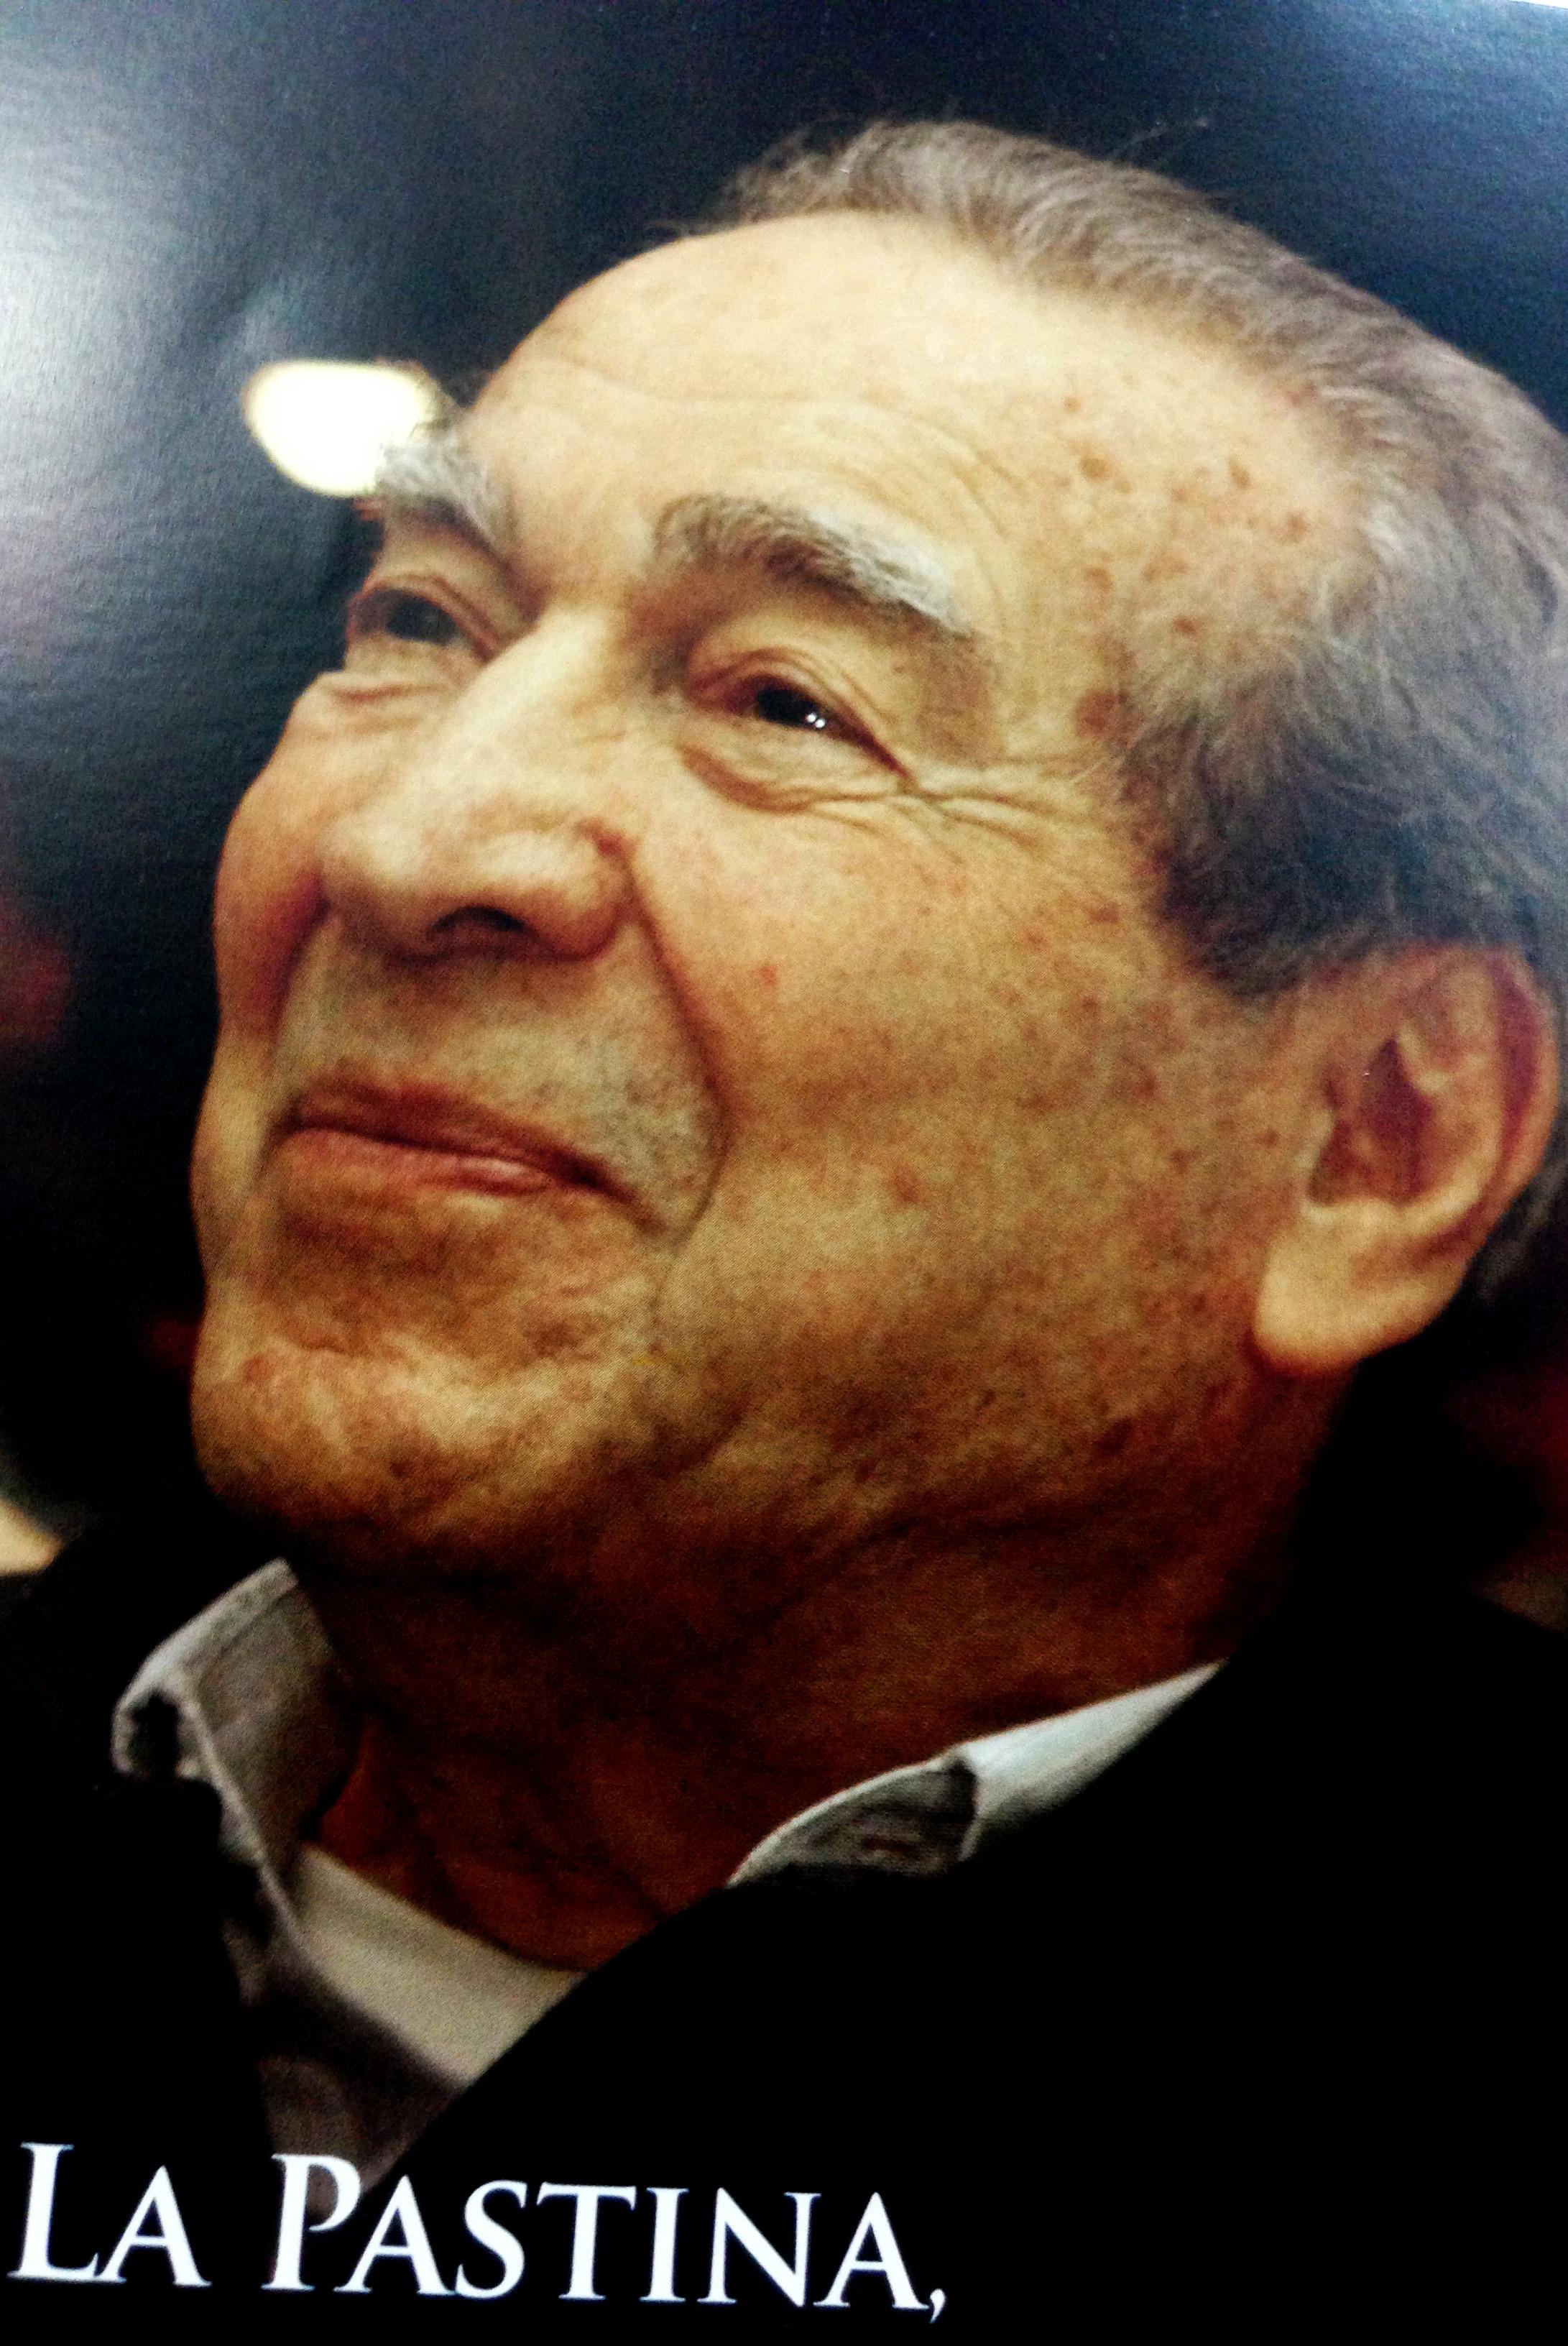 Vicente La Pastina